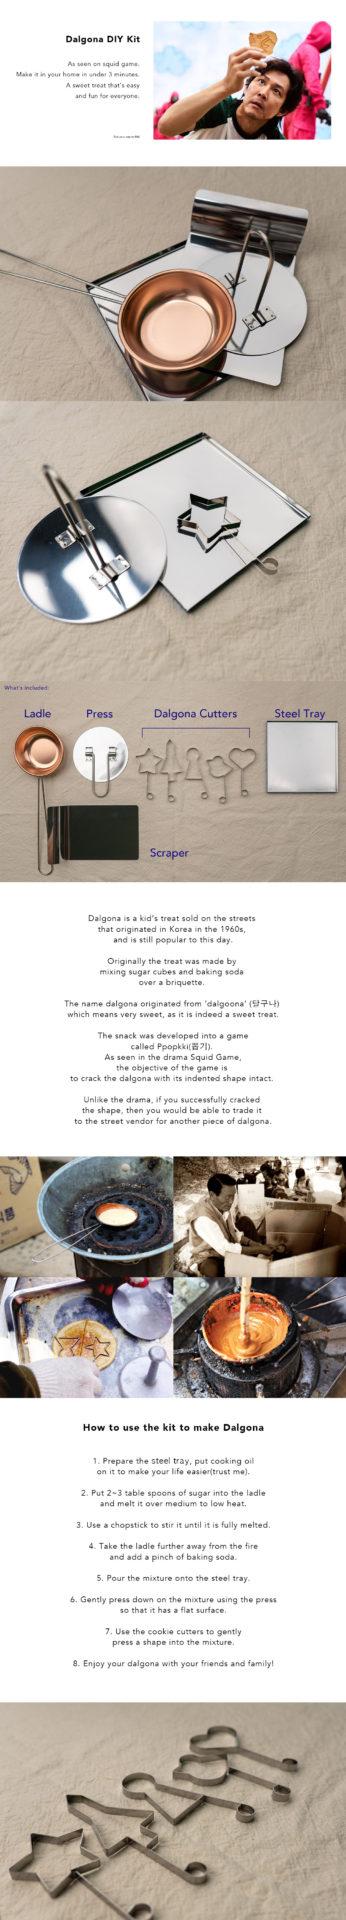 네이키드서울, 달고나. dalgona. dalgona diy, dalgona tool. how to make dalogna, korean snack, nakdseoul, nakd seoul, dalgona, how to make dalgona, dalgona squid game, squid game biscuit,